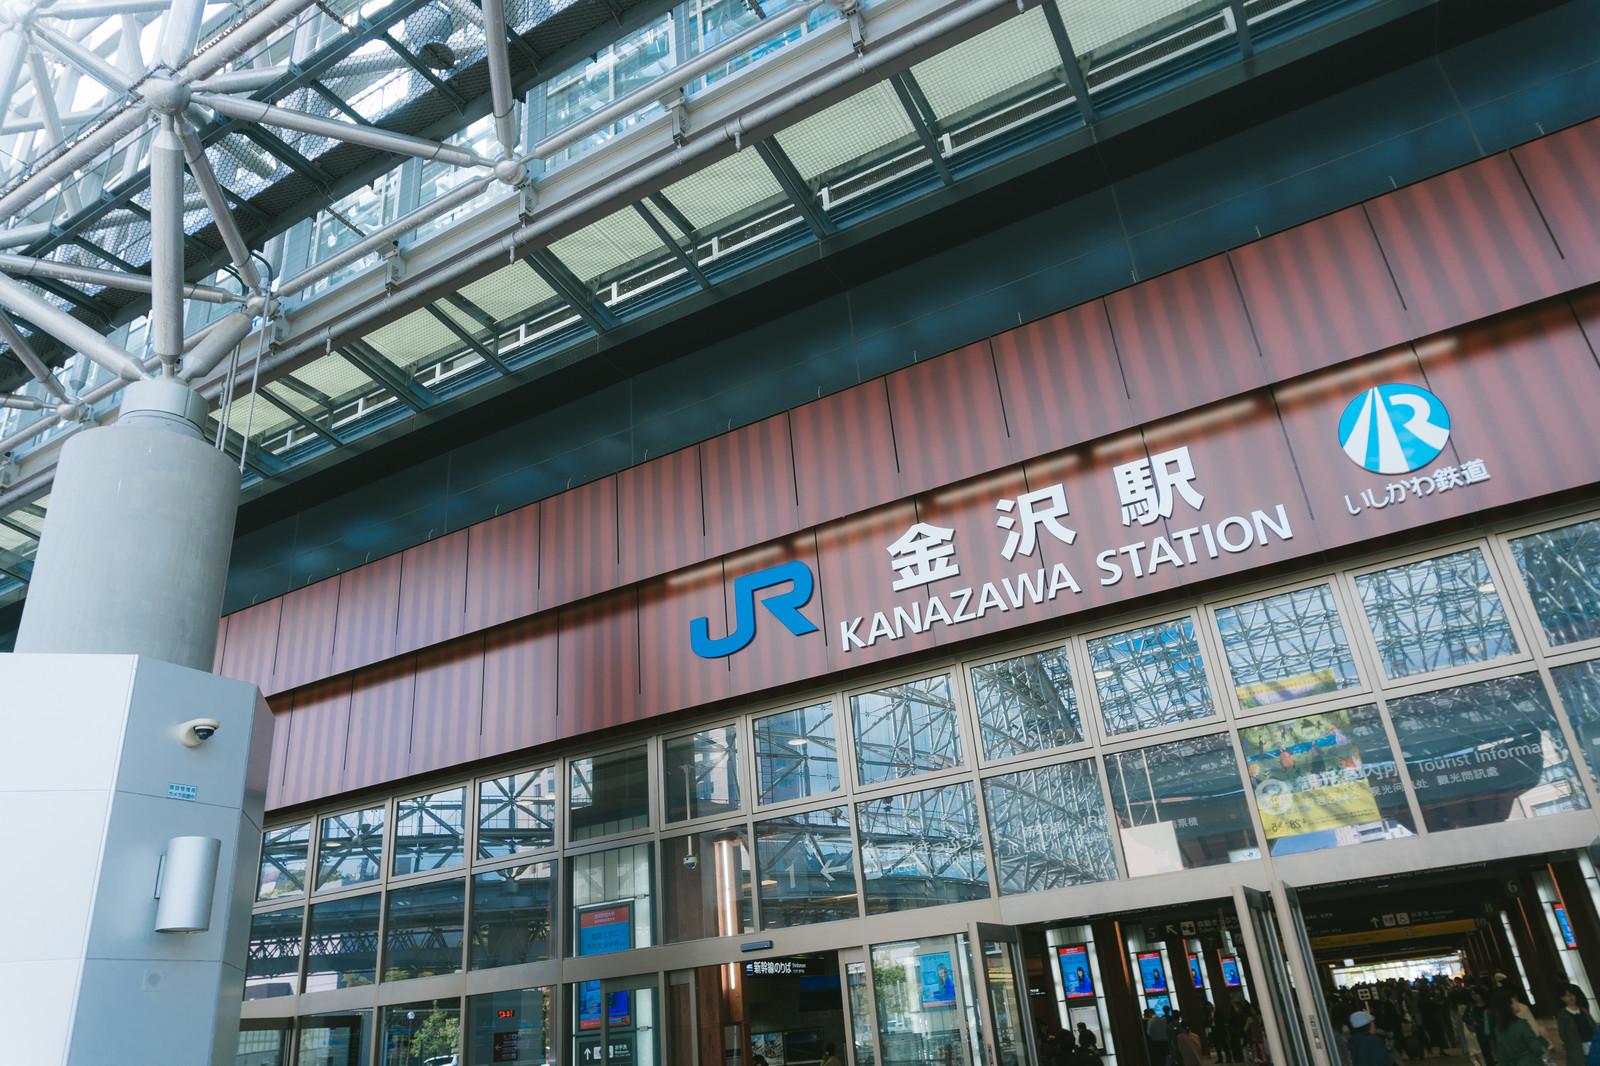 金沢のインスタ映えスポット21選!カフェやランチ・スイーツなど盛りだくさん!